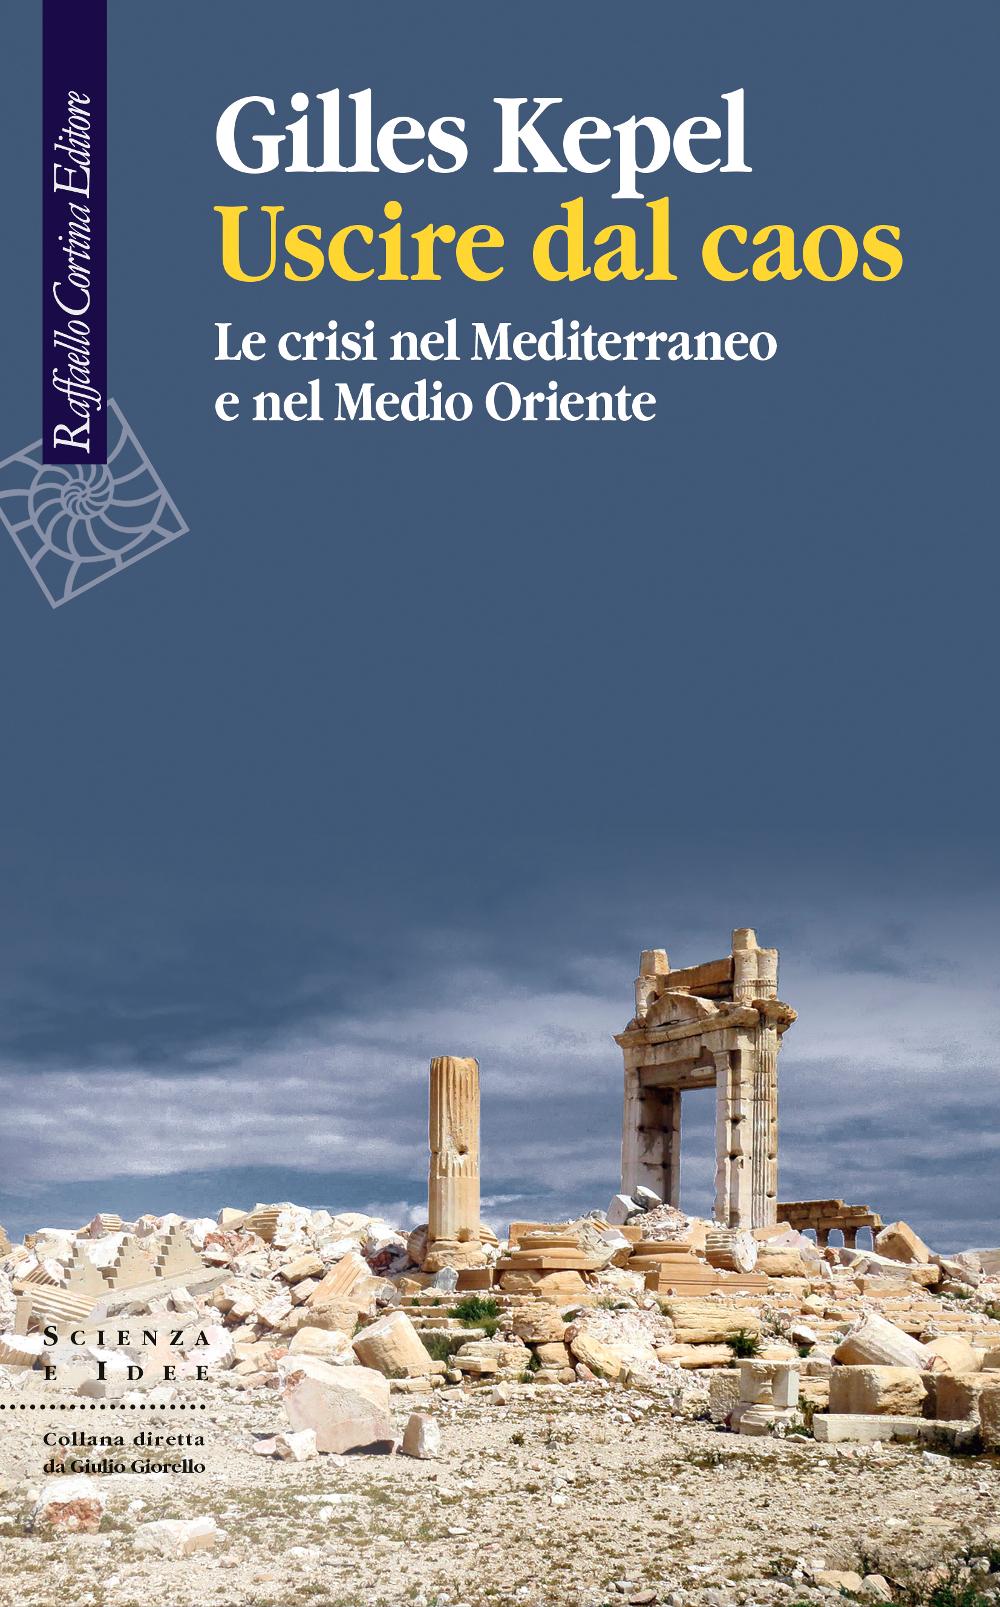 Uscire dal caos di Gilles Kepel (Raffaello Cortina, 2019) 8 - fanzine